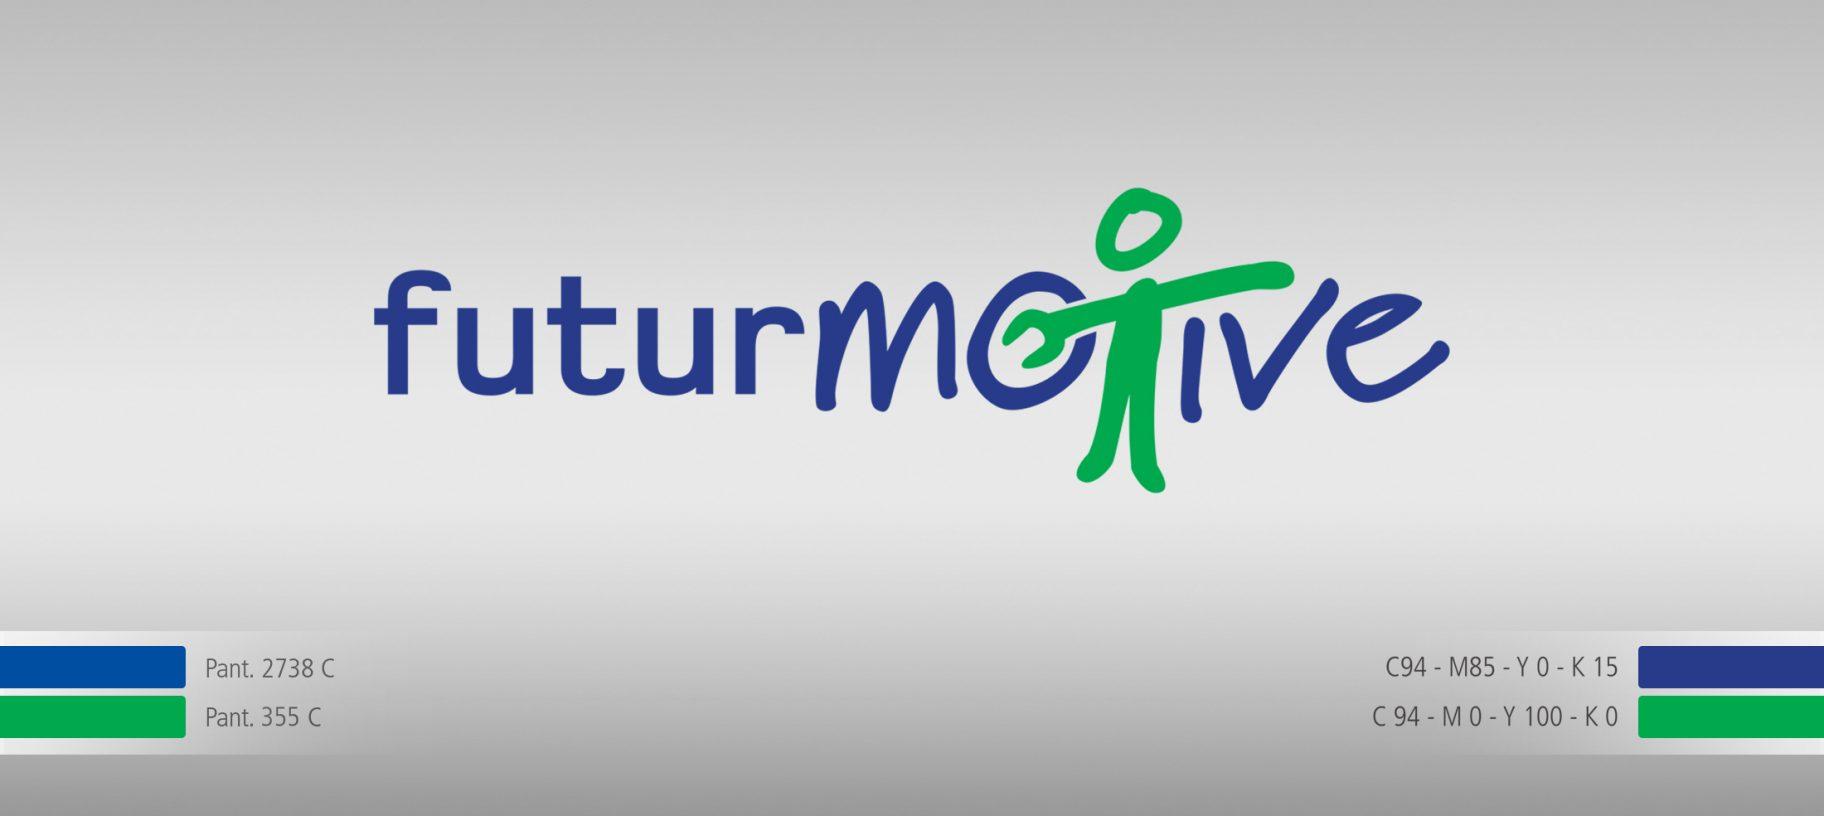 Autopromotec-futurmotive-logo-fiera